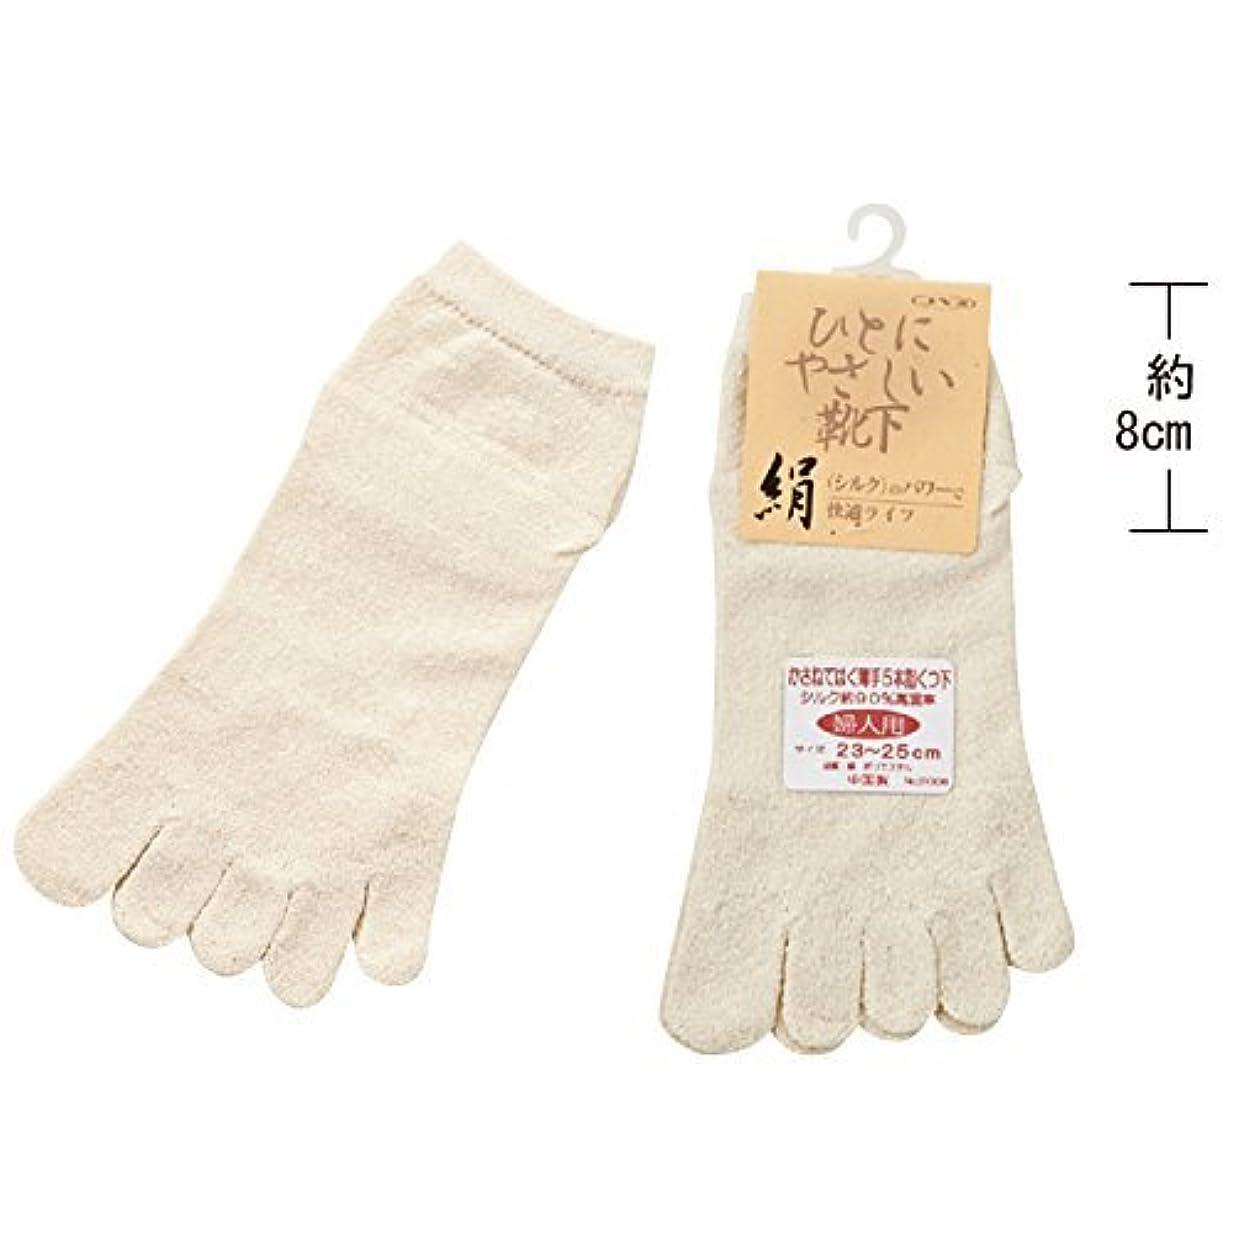 事前にショッキング爬虫類コベス 婦人シルクかさねてはく薄手5本指くつ下